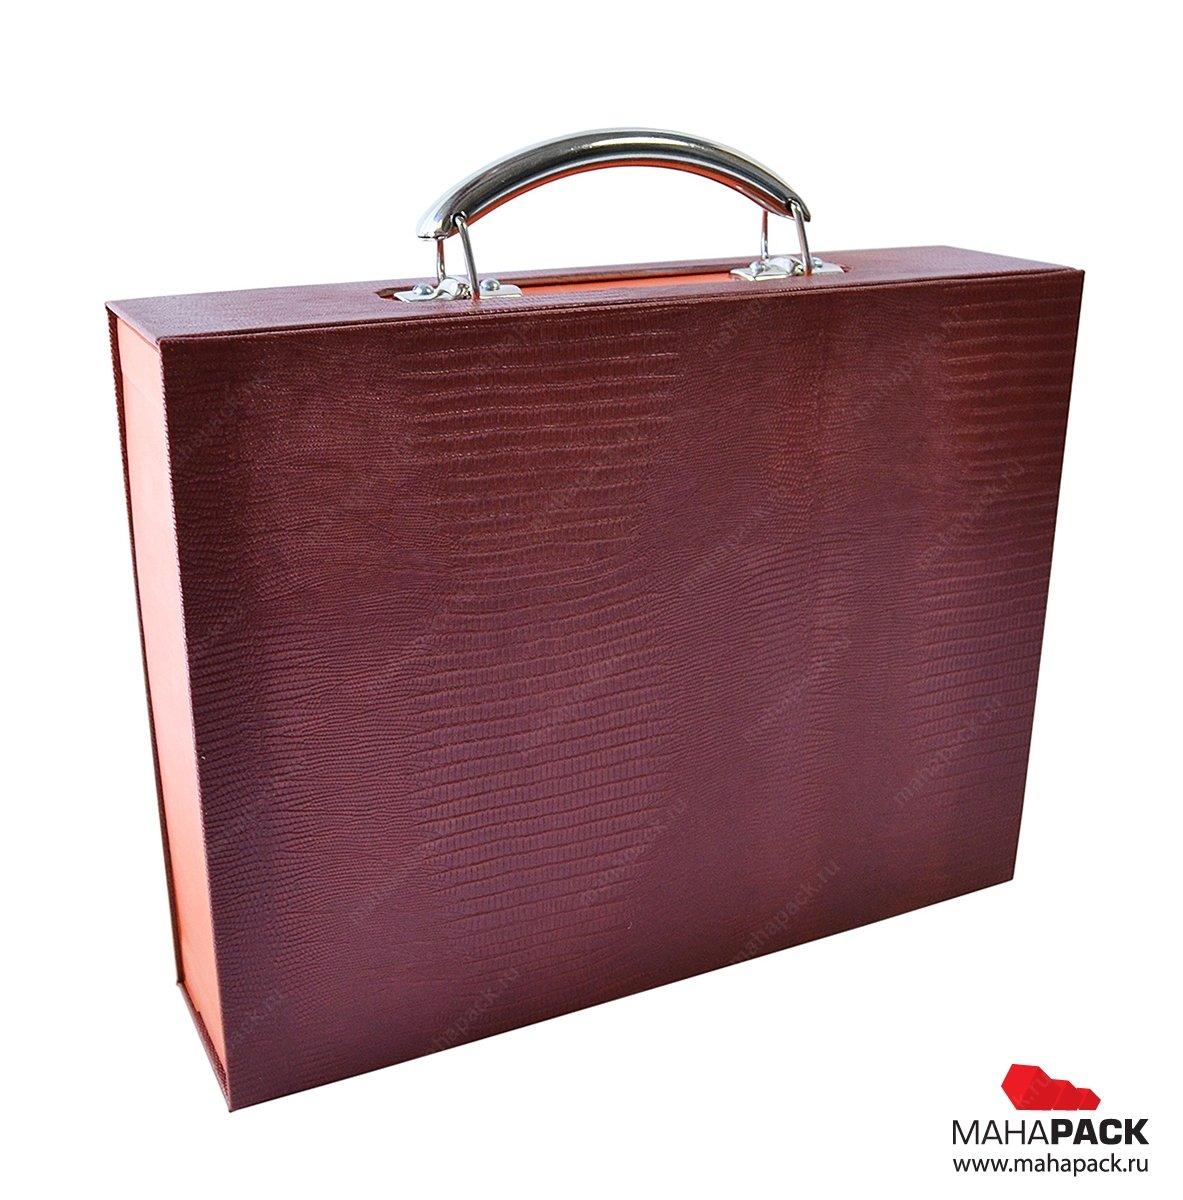 коробка-чемодан для образцов продукции